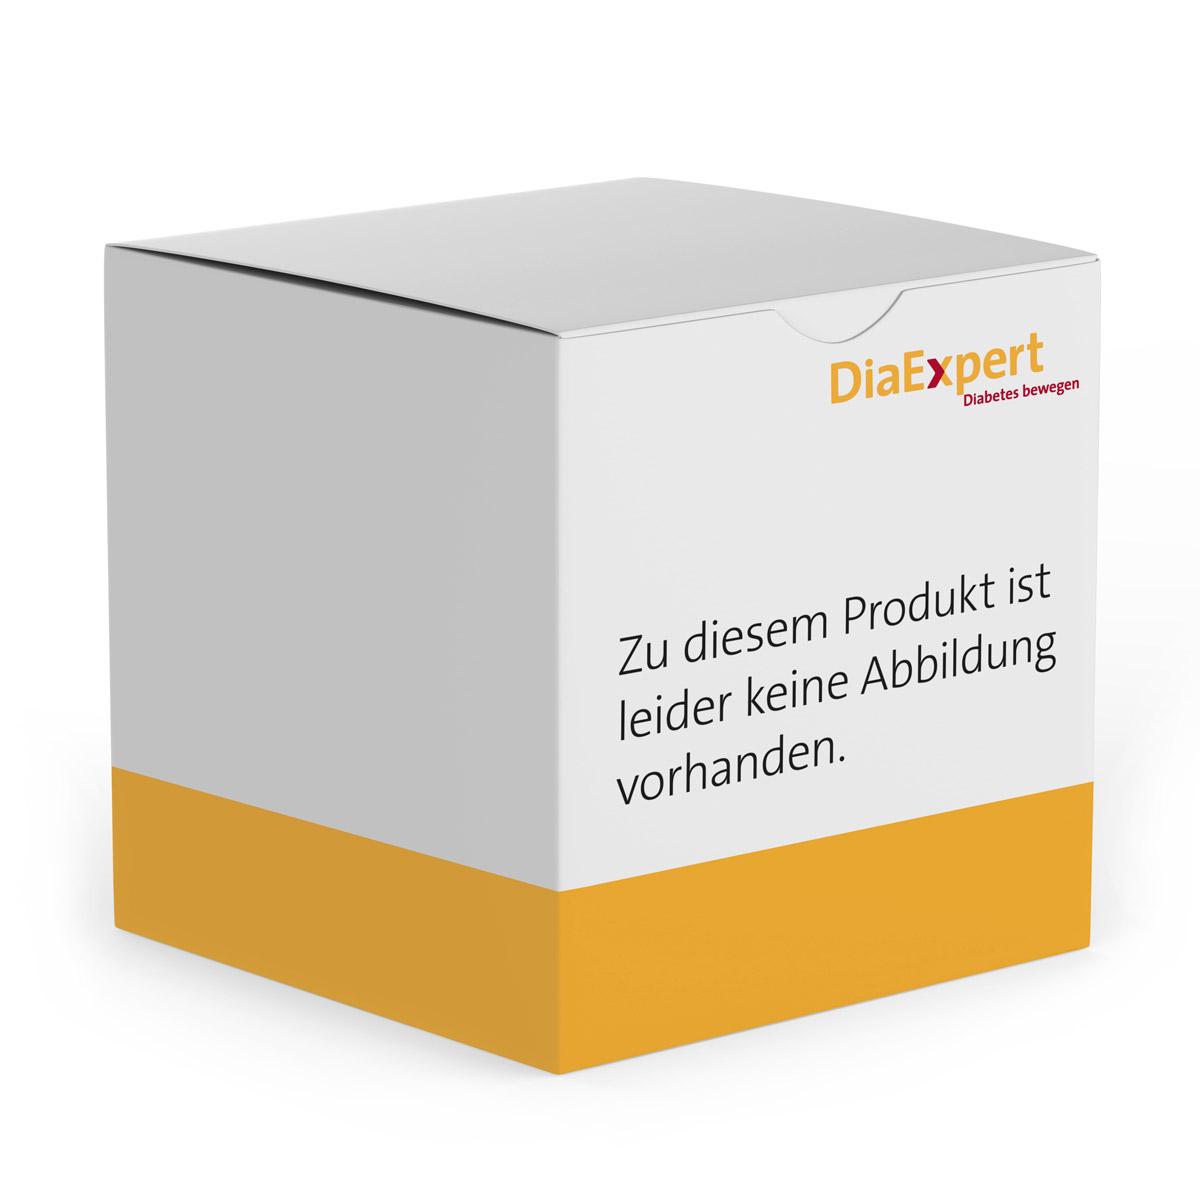 Accu-Chek Compact Glukose Teststreifen 51 Stück